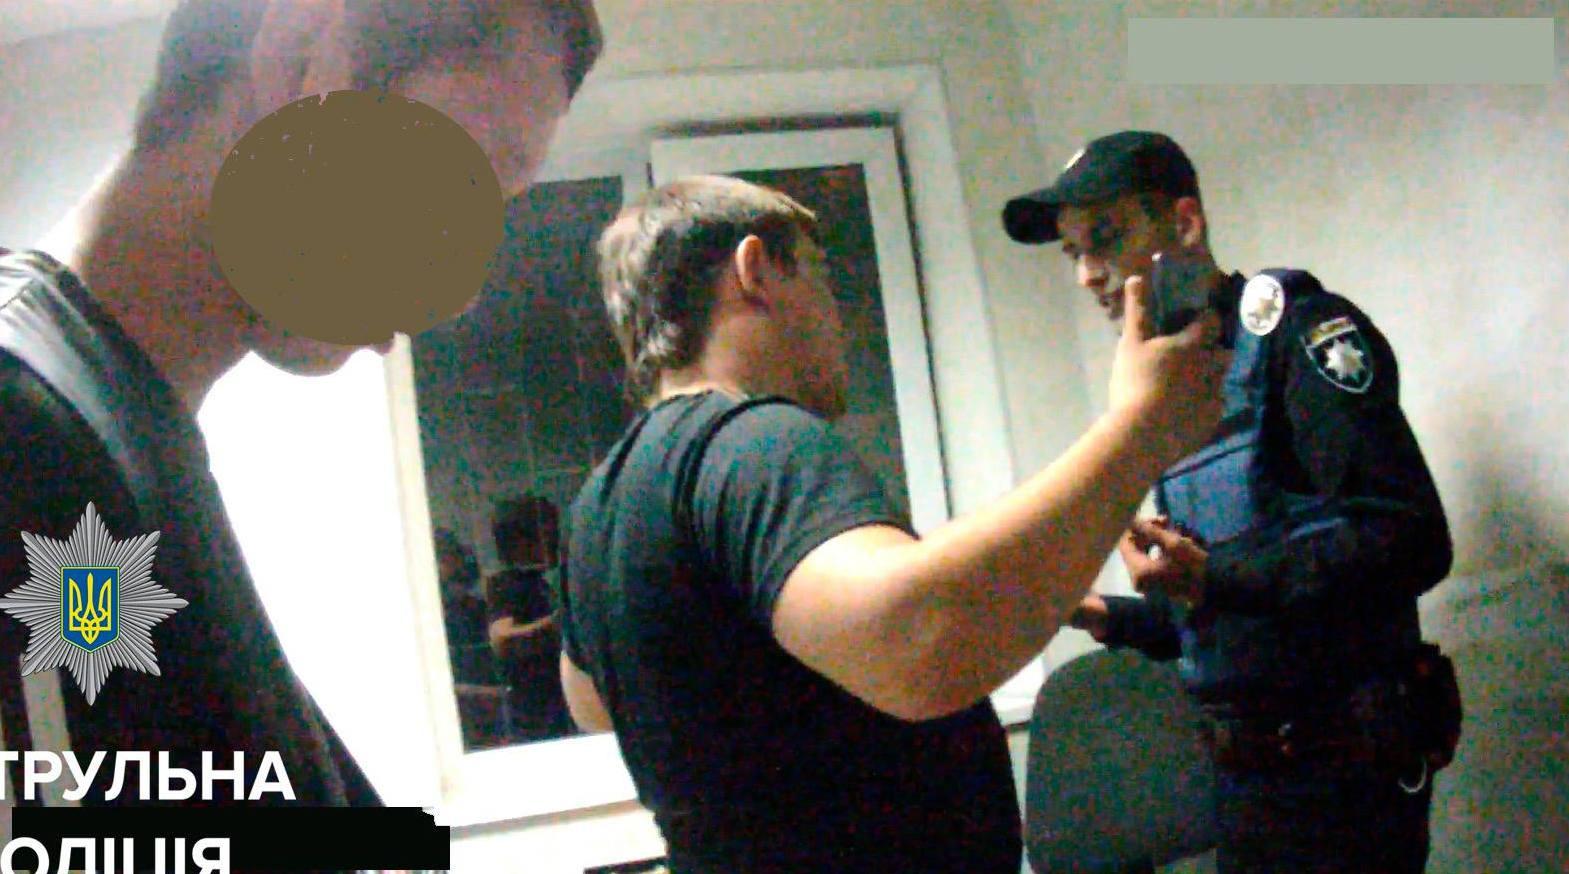 Запорожский активист, который придирался к работе копов, избил человека